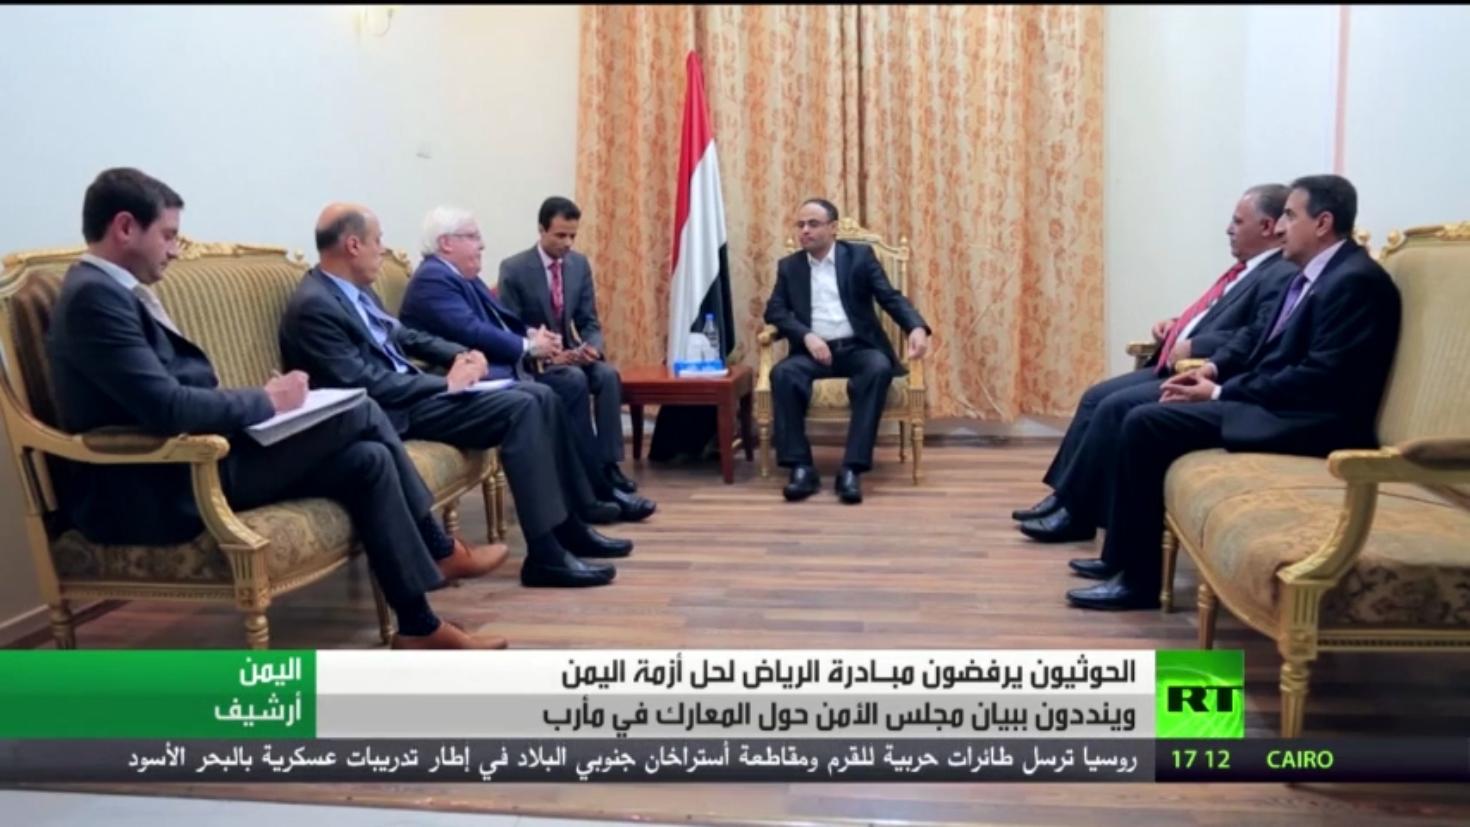 الحوثيون يرفضون مبـادرة الرياض لحل أزمة اليمن